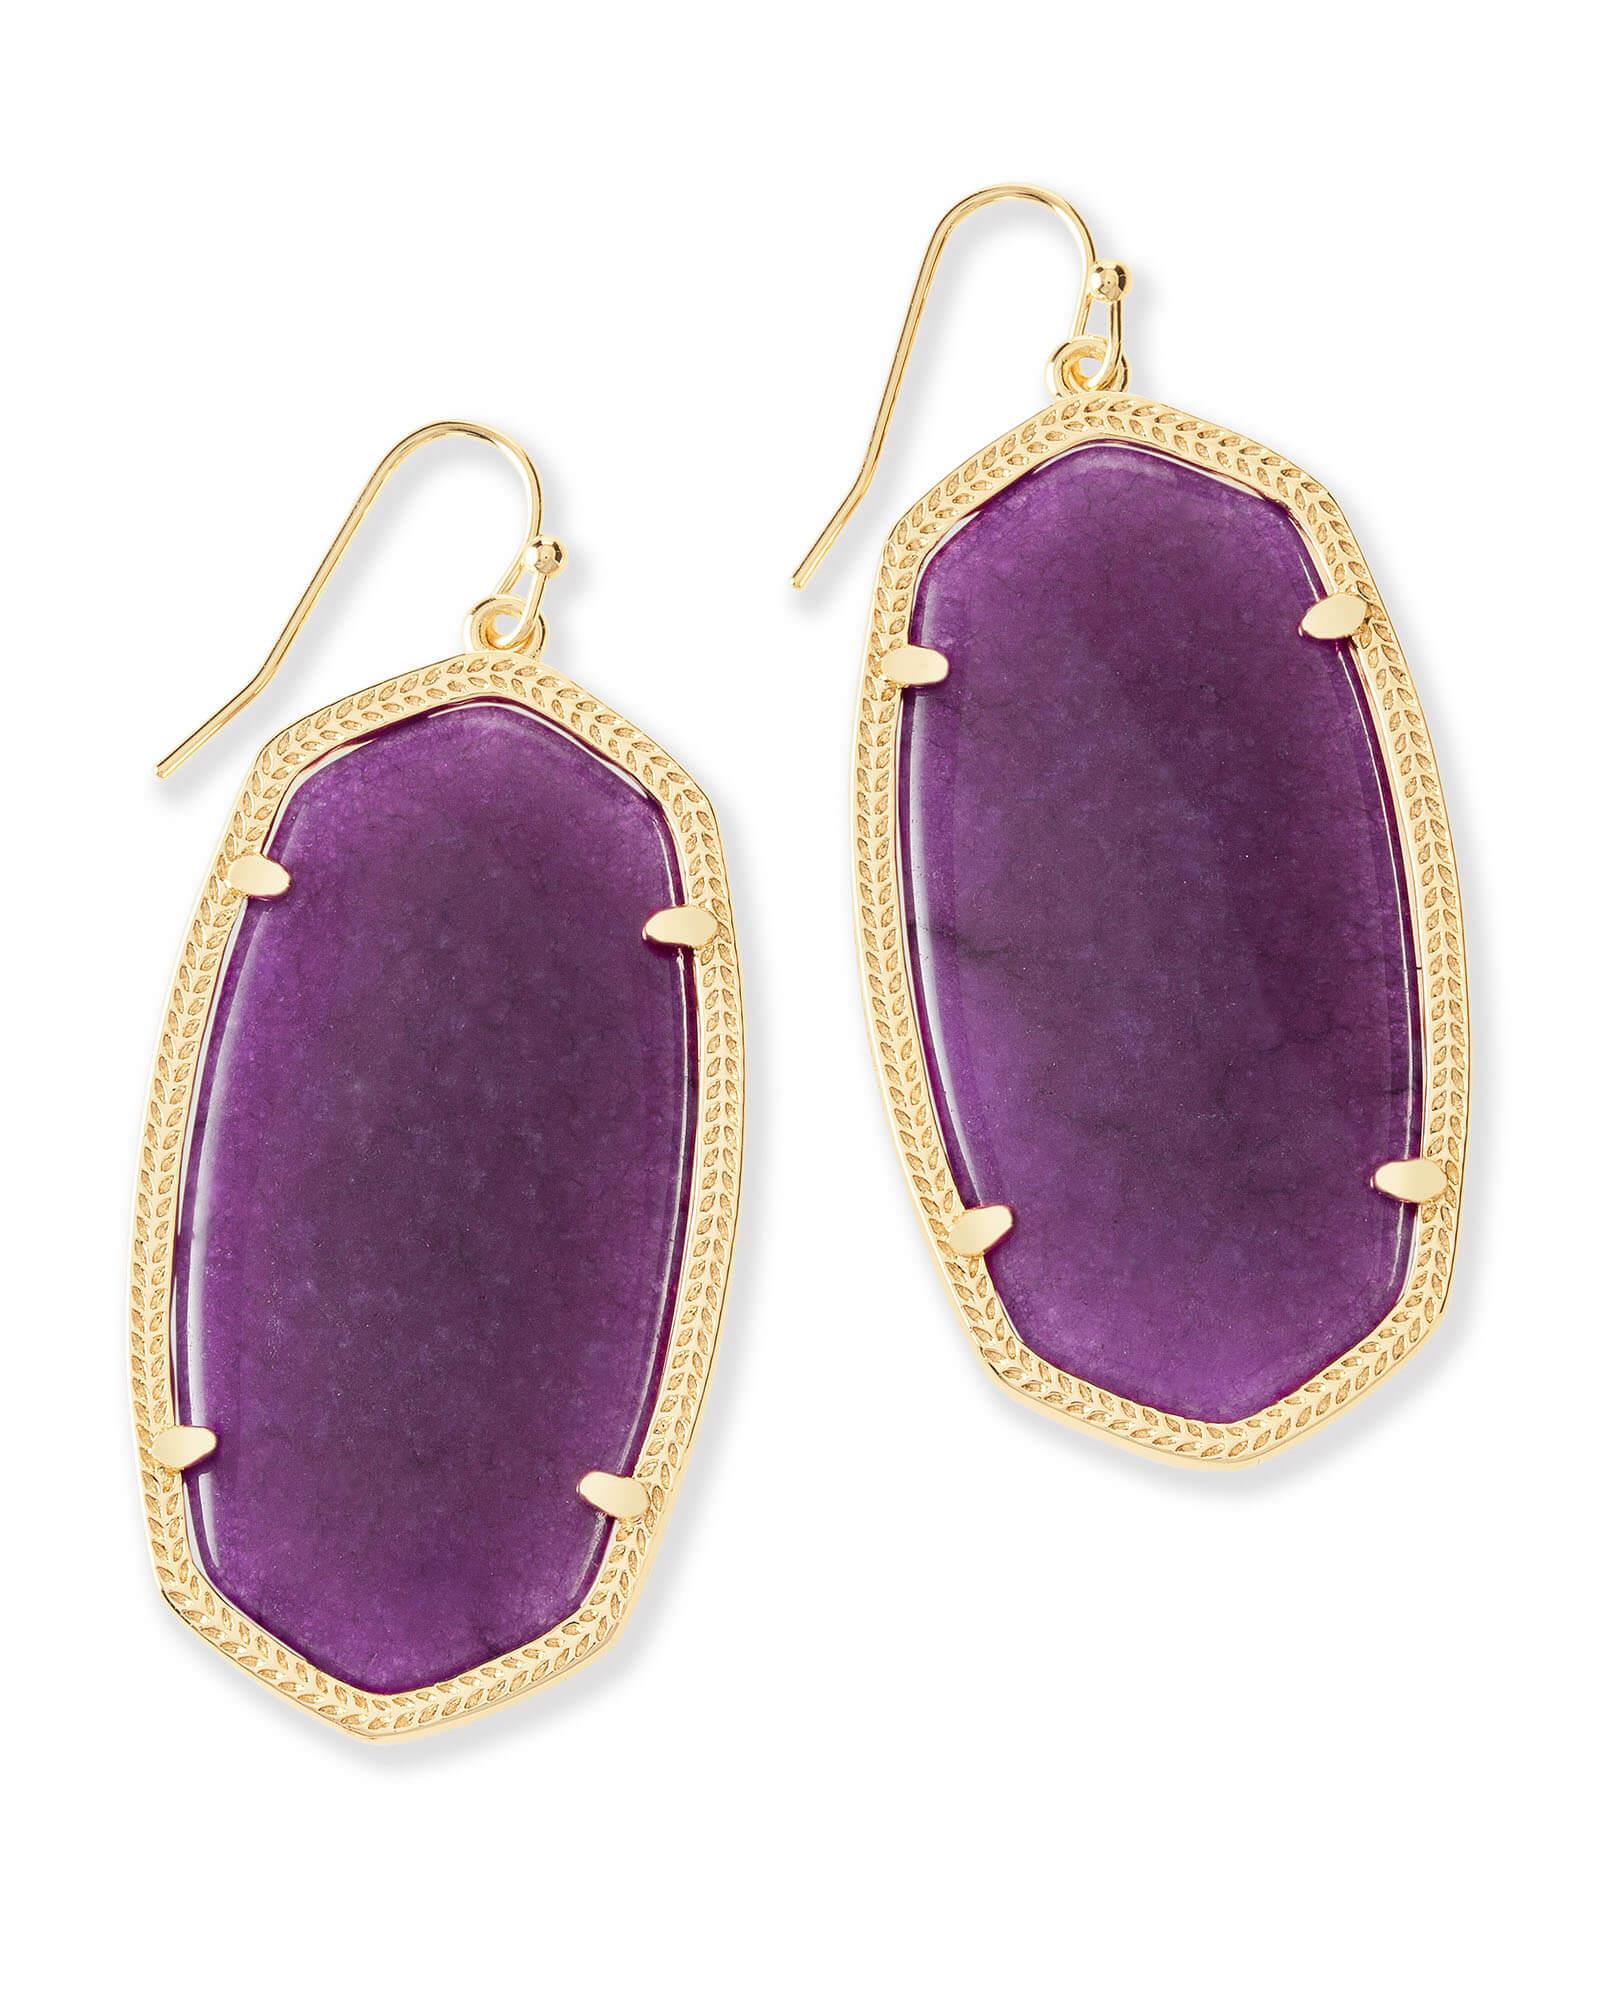 Danielle Earrings In Purple Jade